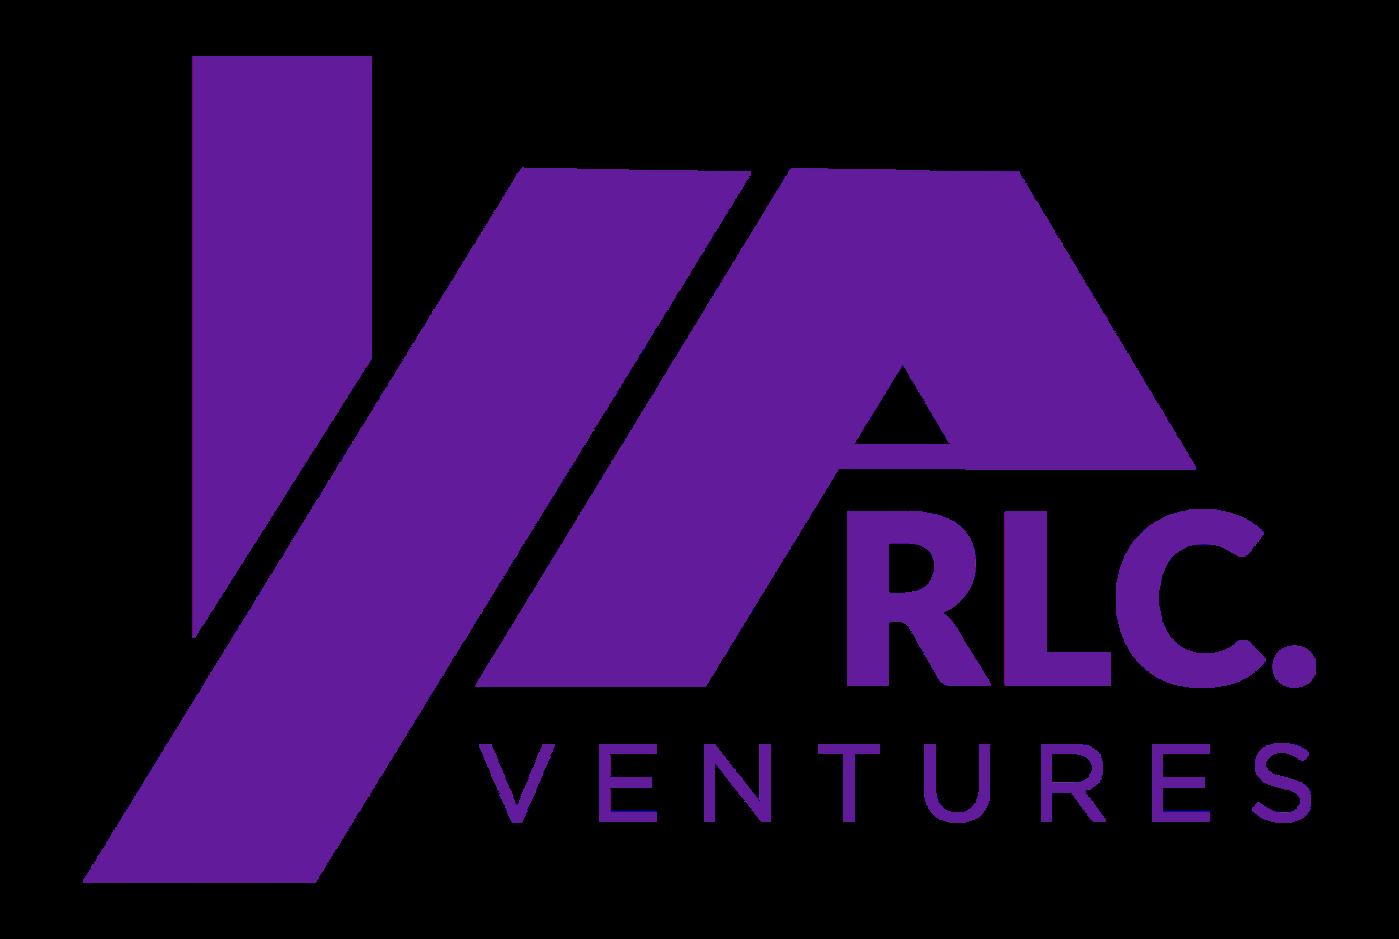 RLC Ventures